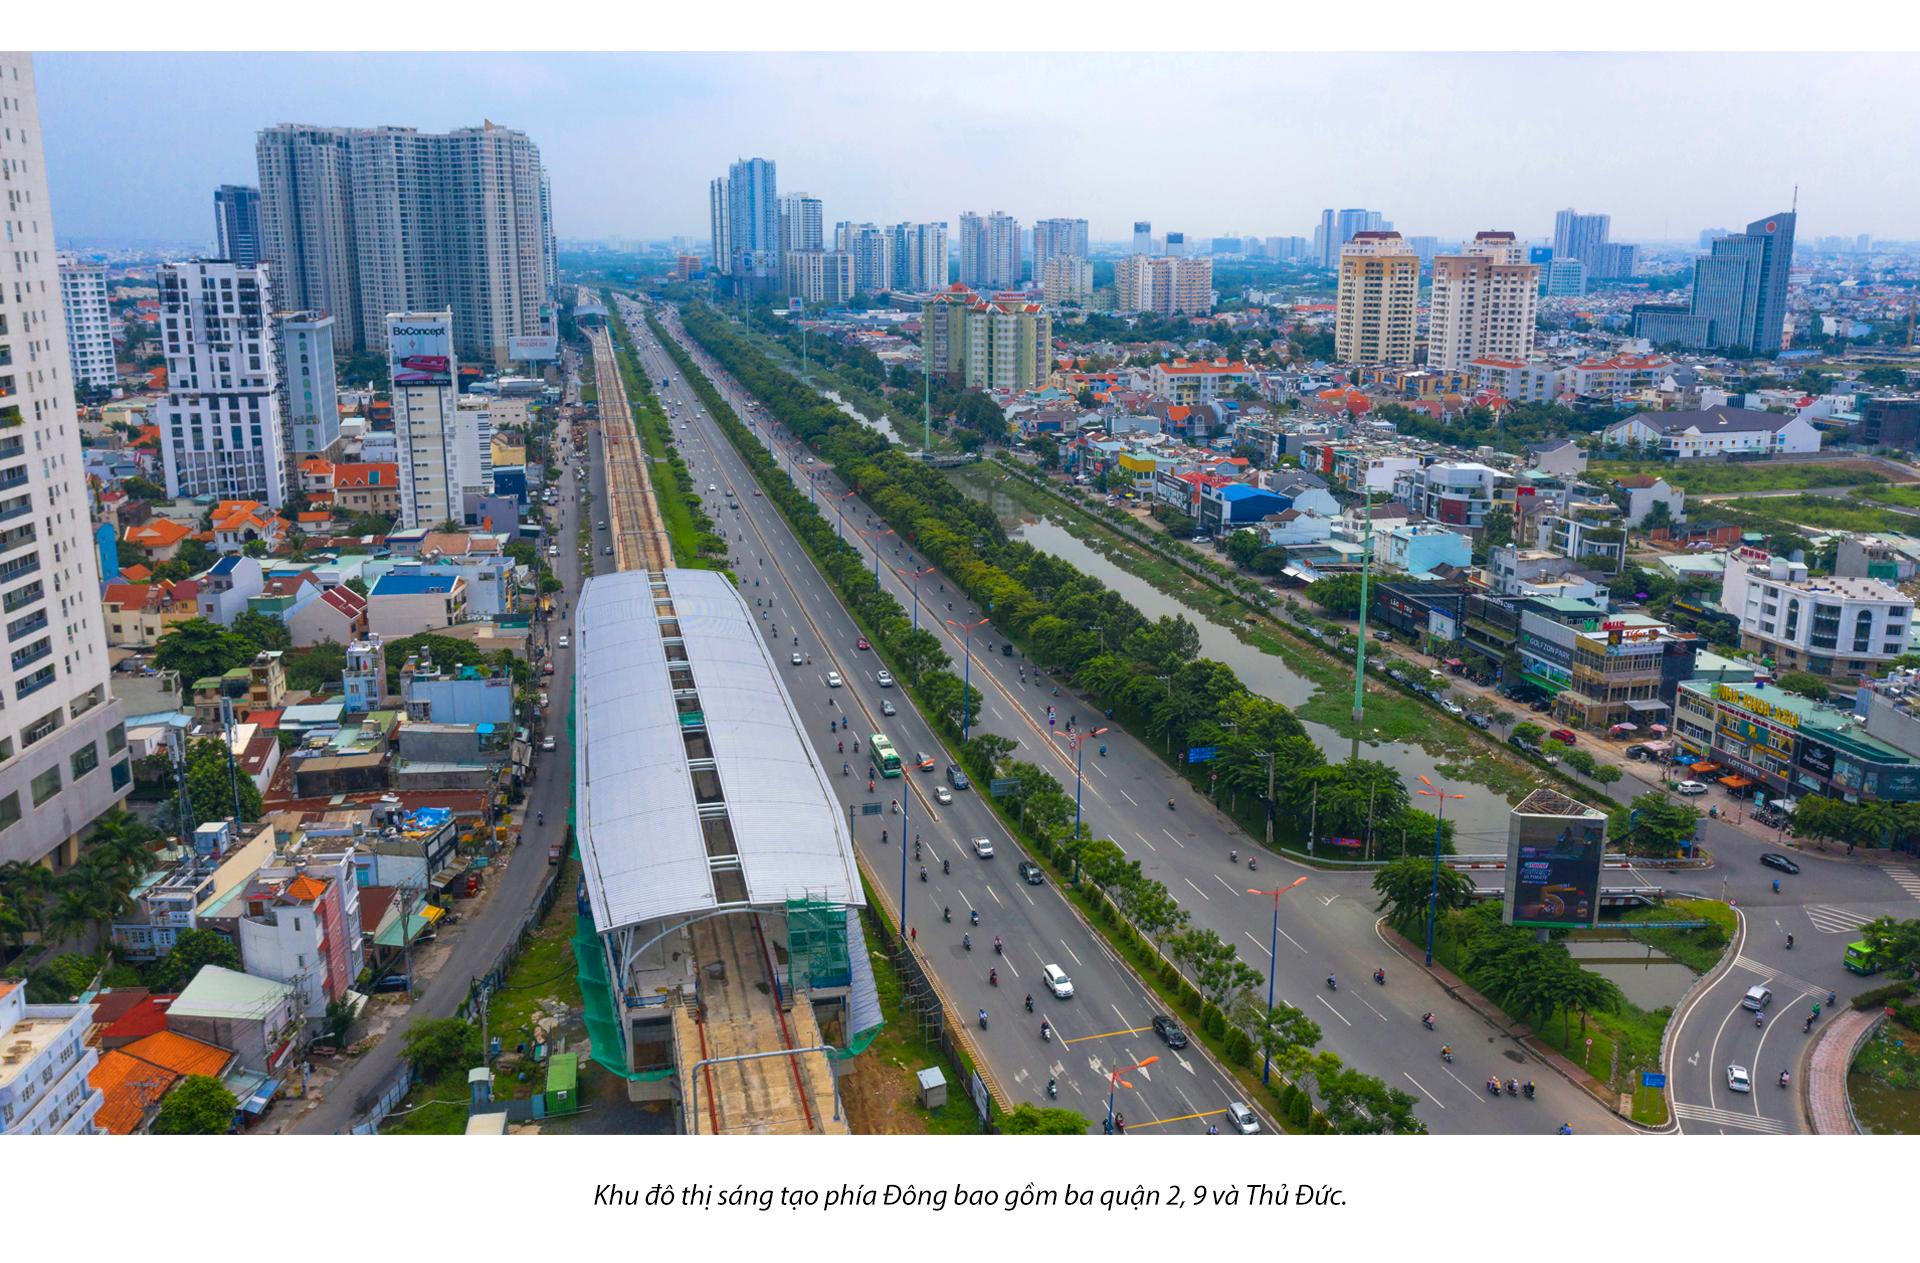 Emagazine: 5 thành tựu lớn của TP.HCM trong nhiệm kỳ 2015-2020 - ảnh 9